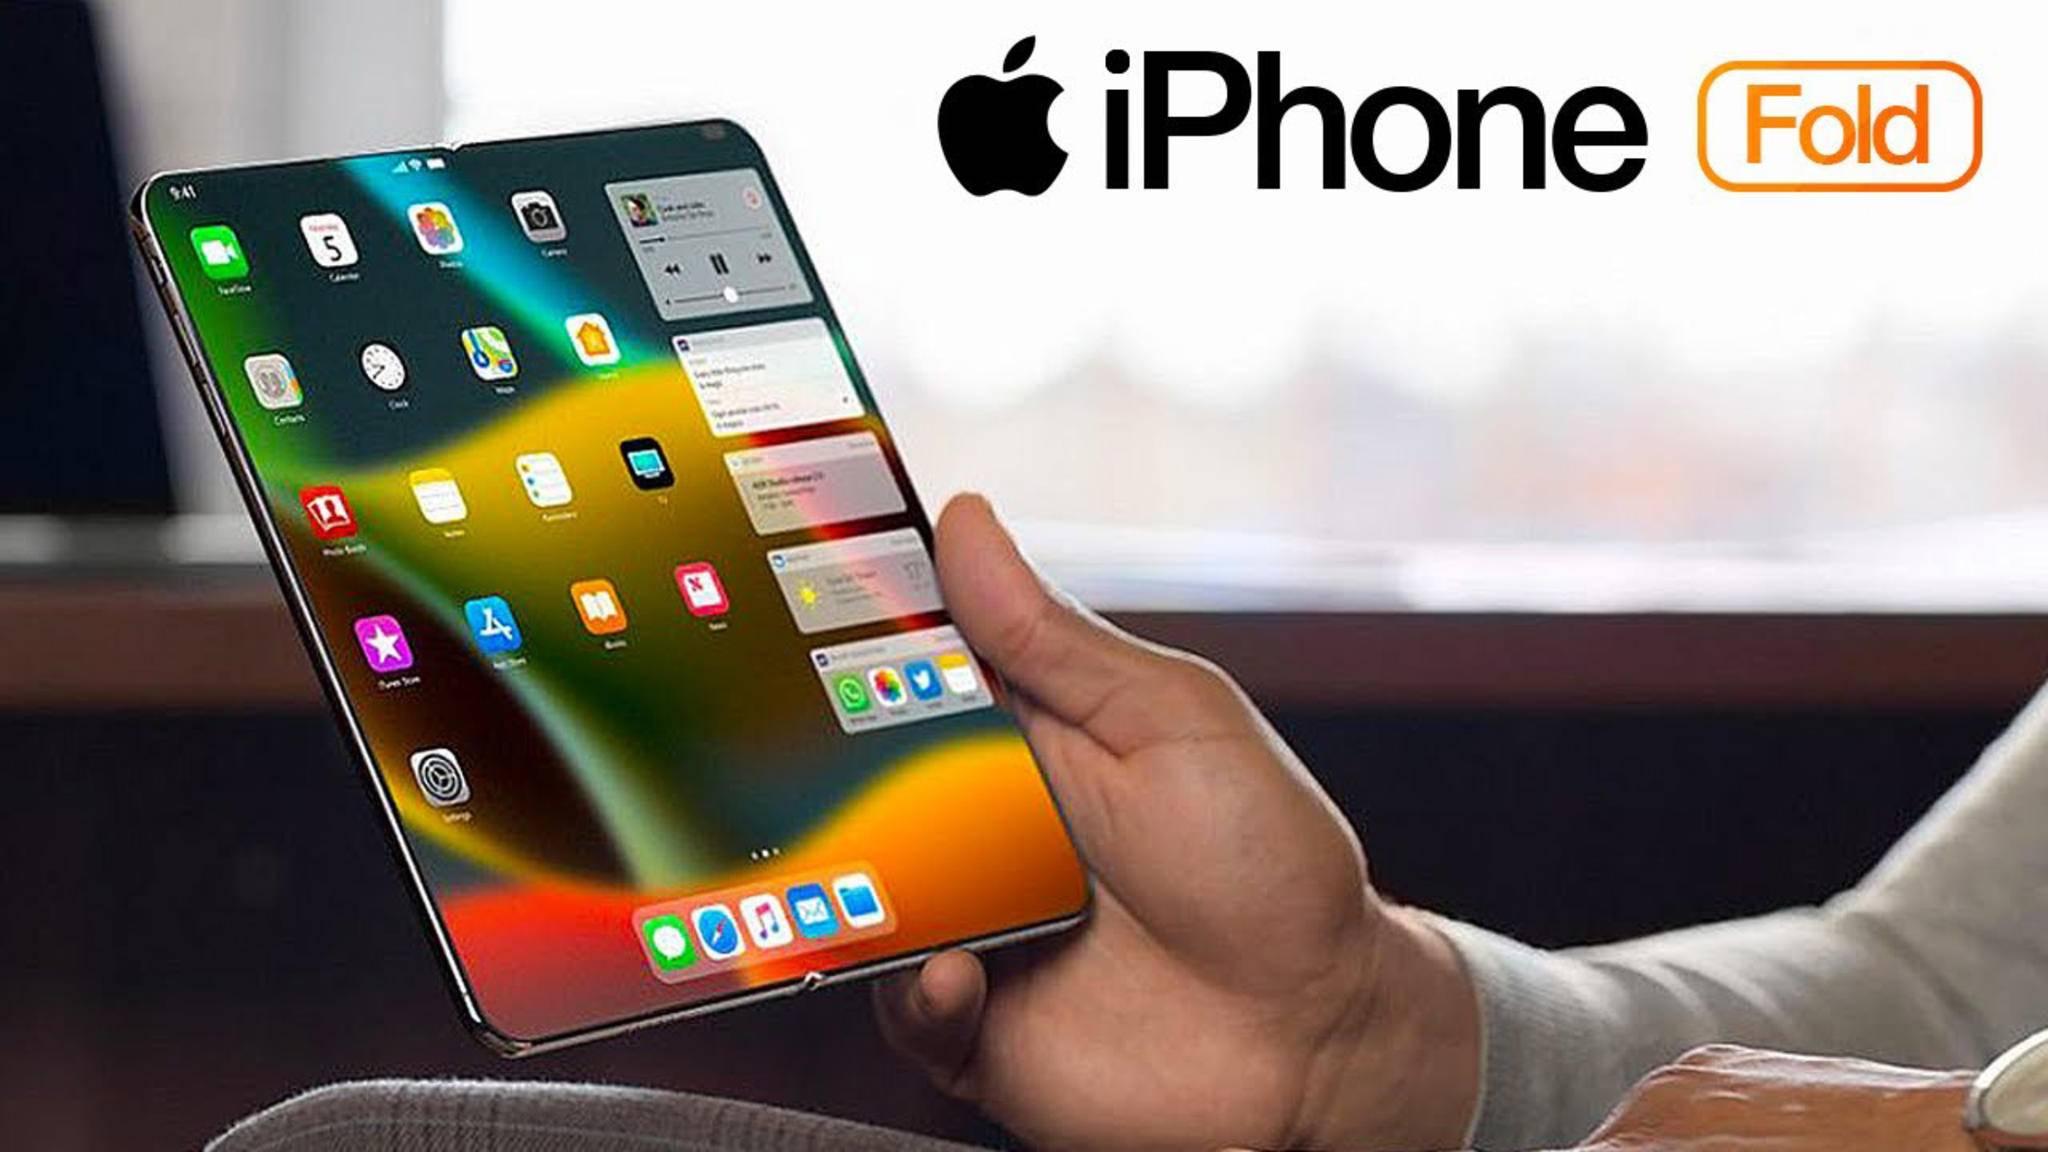 Apple soll sich intensiv mit der Technologie faltbarer Geräte beschäftigen.